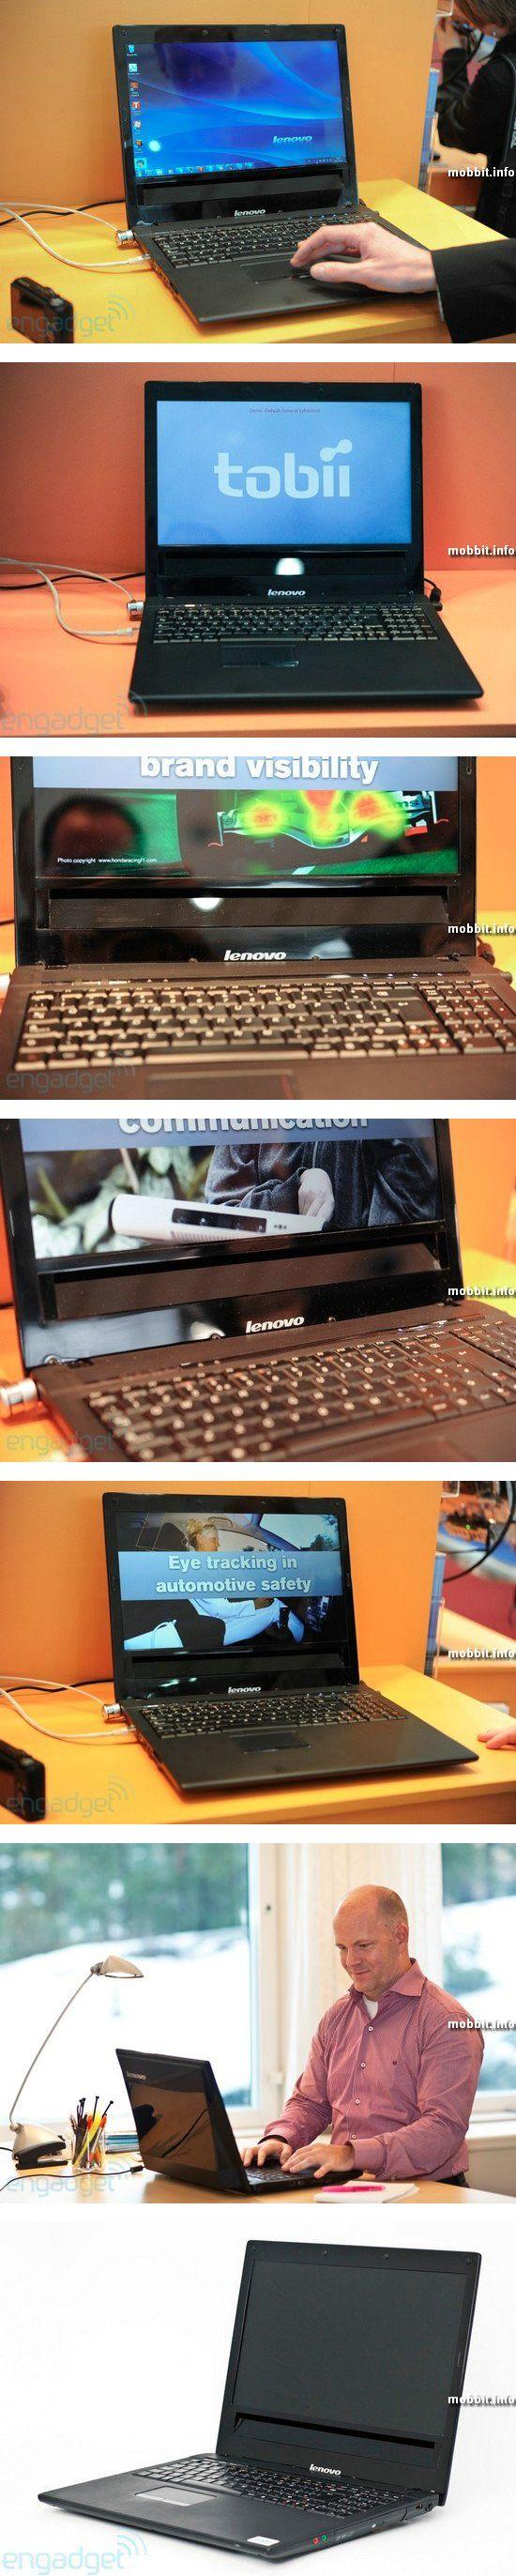 Первый в мире ноутбук, которым можно управлять глазами